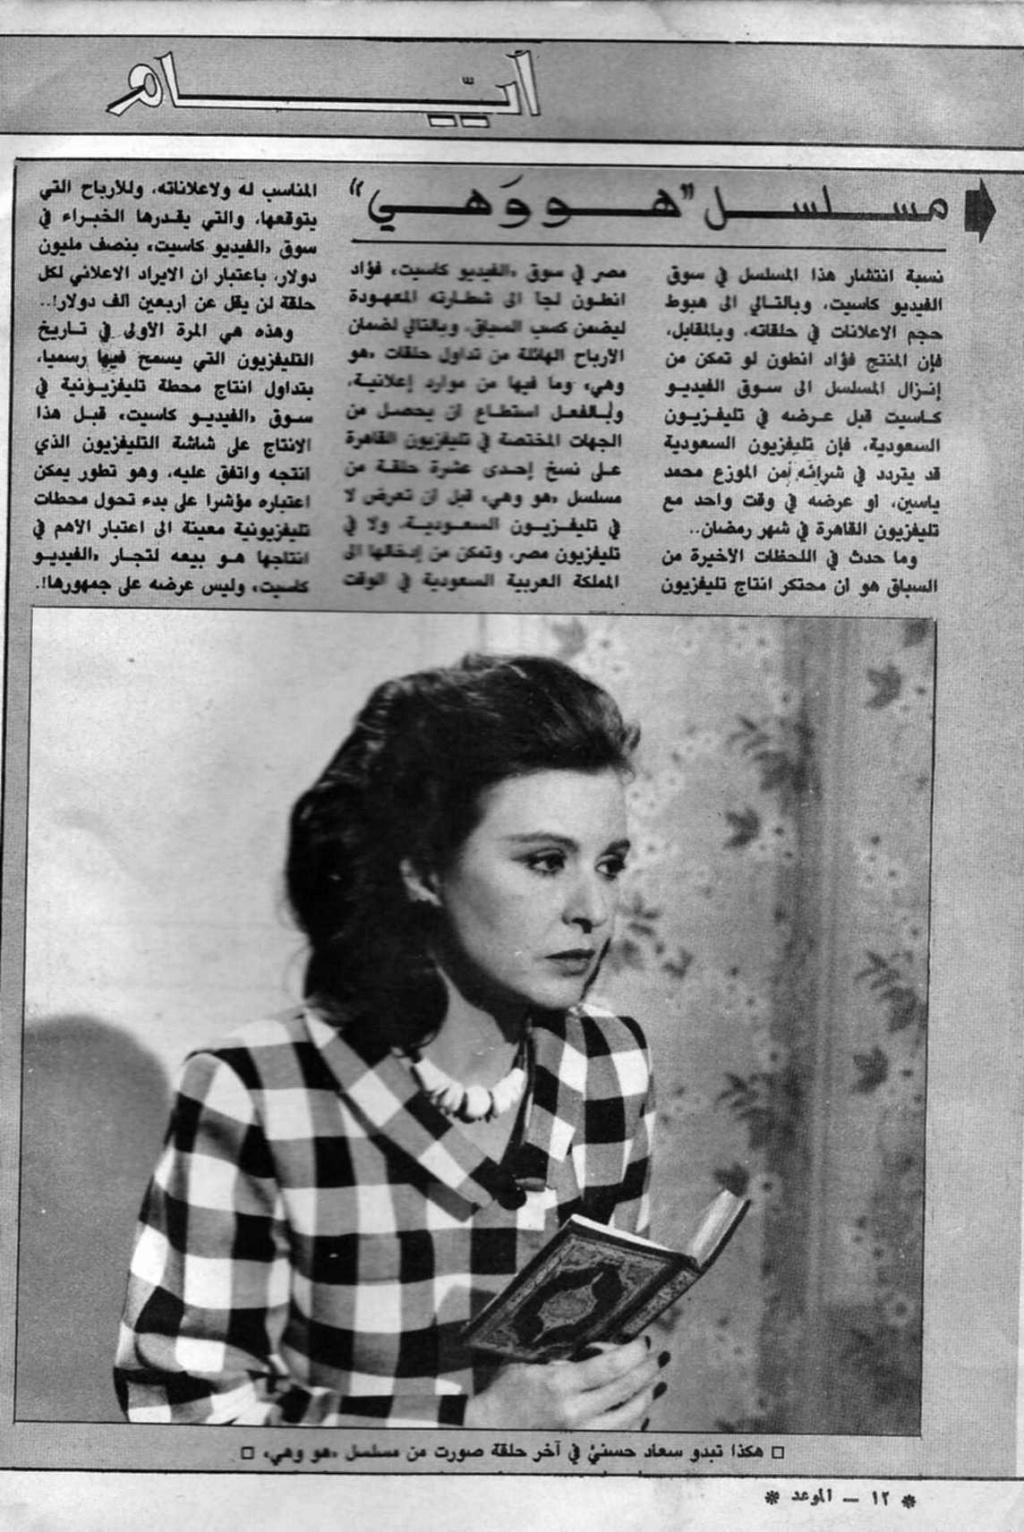 """مقال صحفي : سوق الفيديو يسبق تلفزيون القاهرة في عرض مسلسل """"هو وهي"""" 1985 م 3_aoay10"""